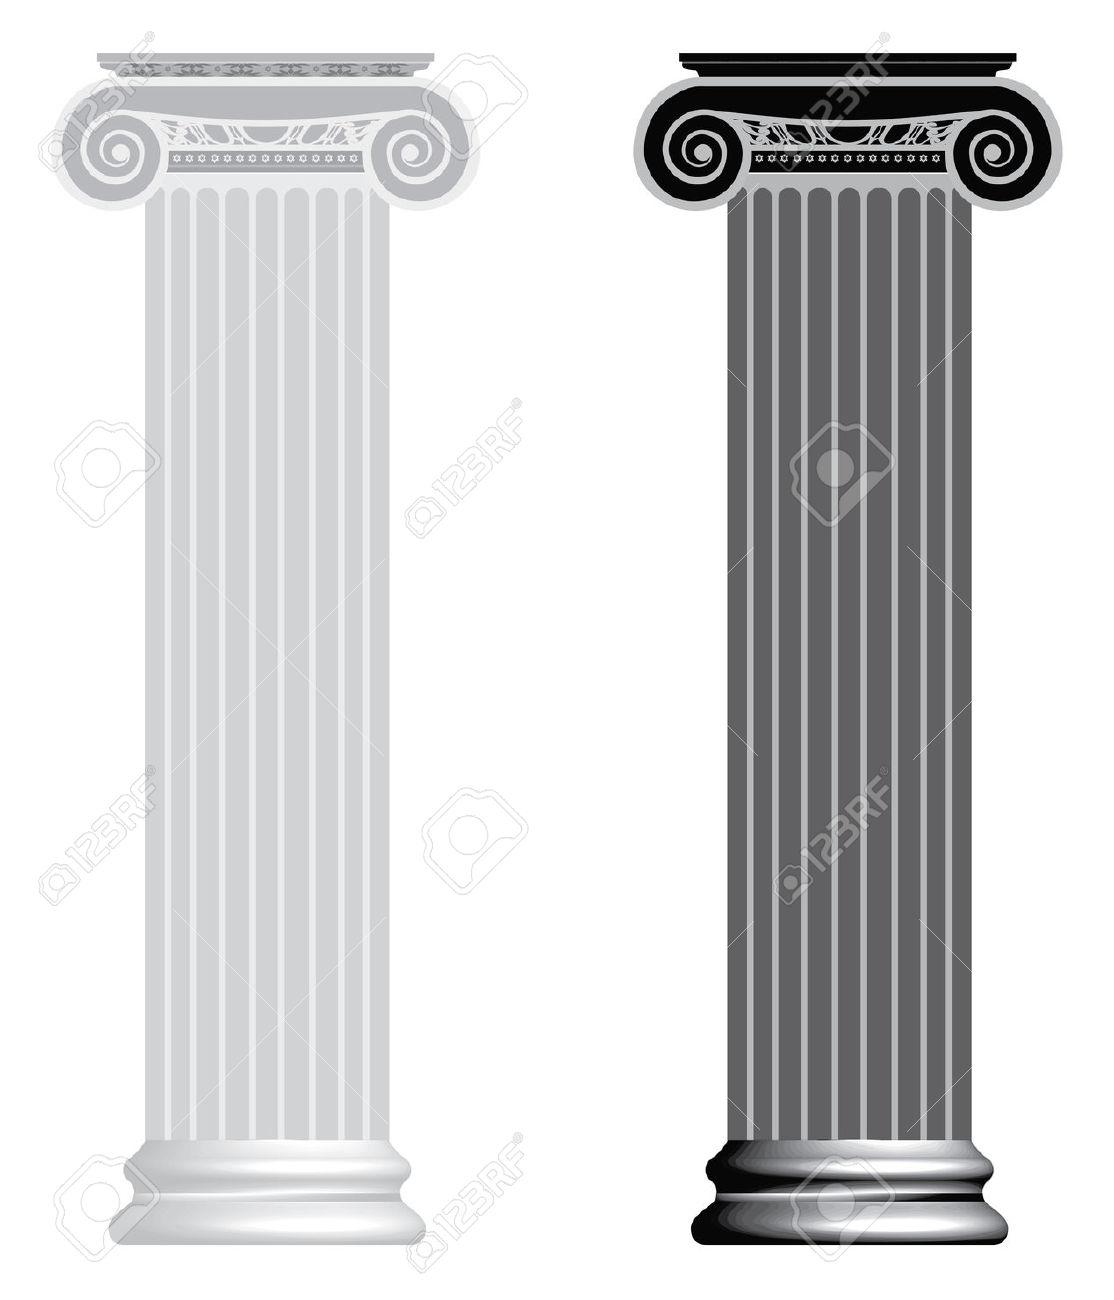 Columna Iónico Aislado En Fondo Blanco Ilustraciones Vectoriales.